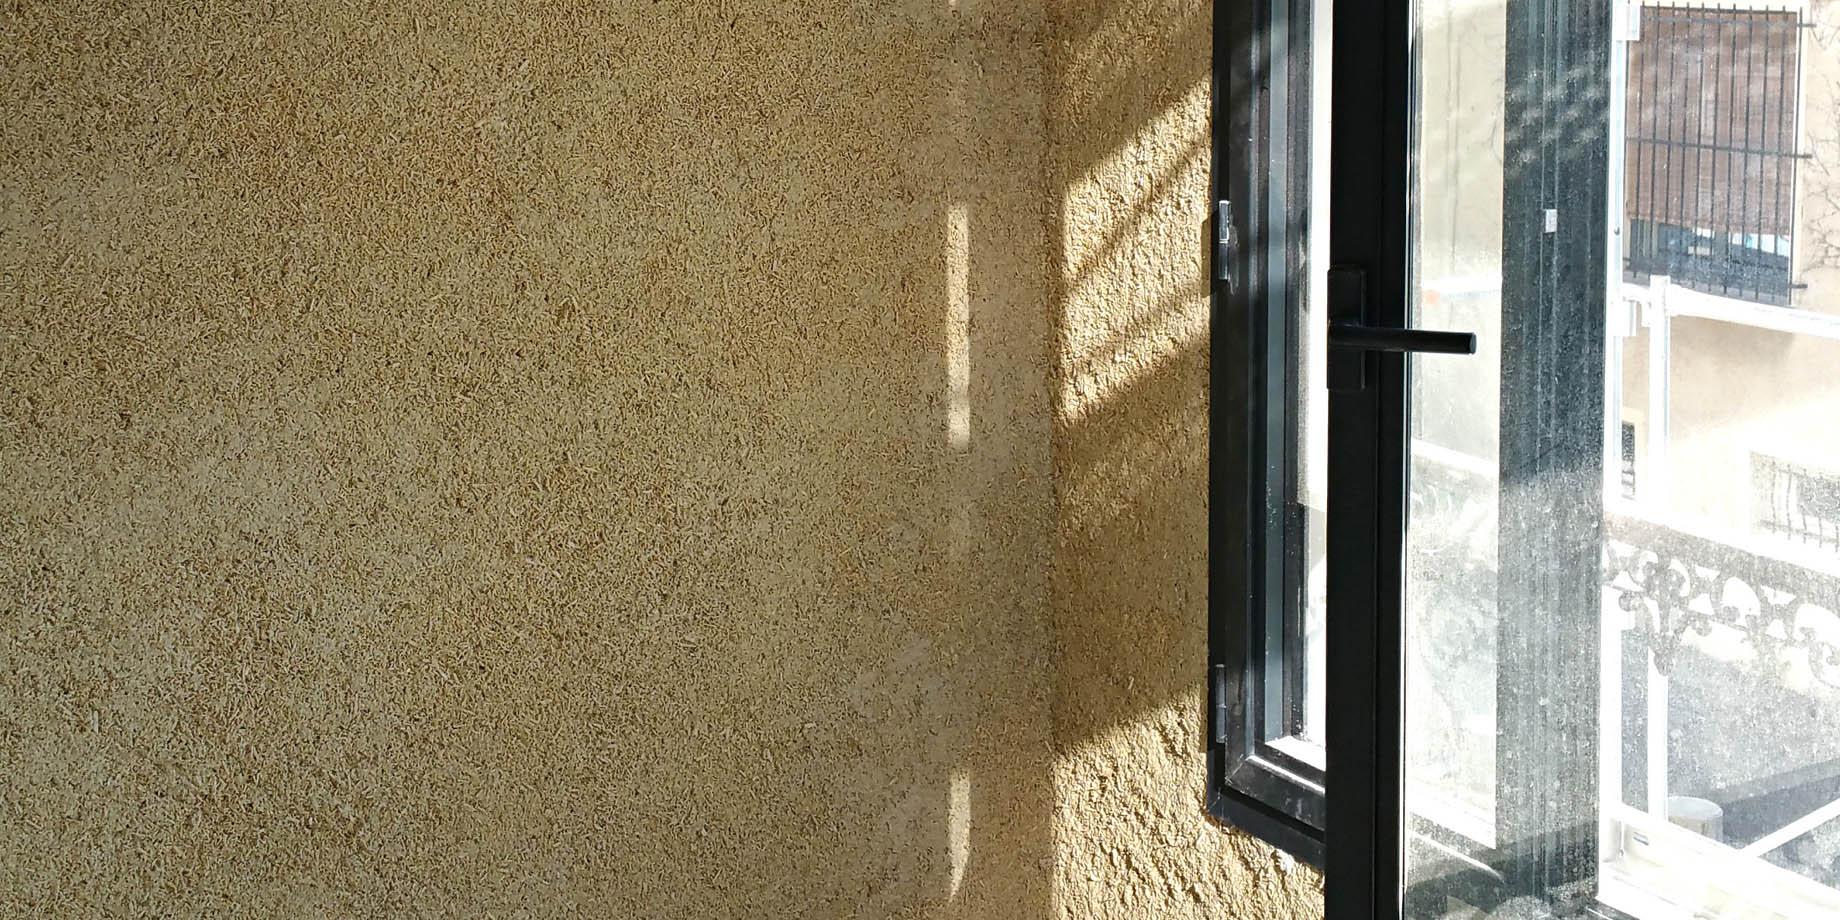 masKarade-architecture-surelevation-rehabilitation-maison-chaunvre-chaux-enduit-interieure